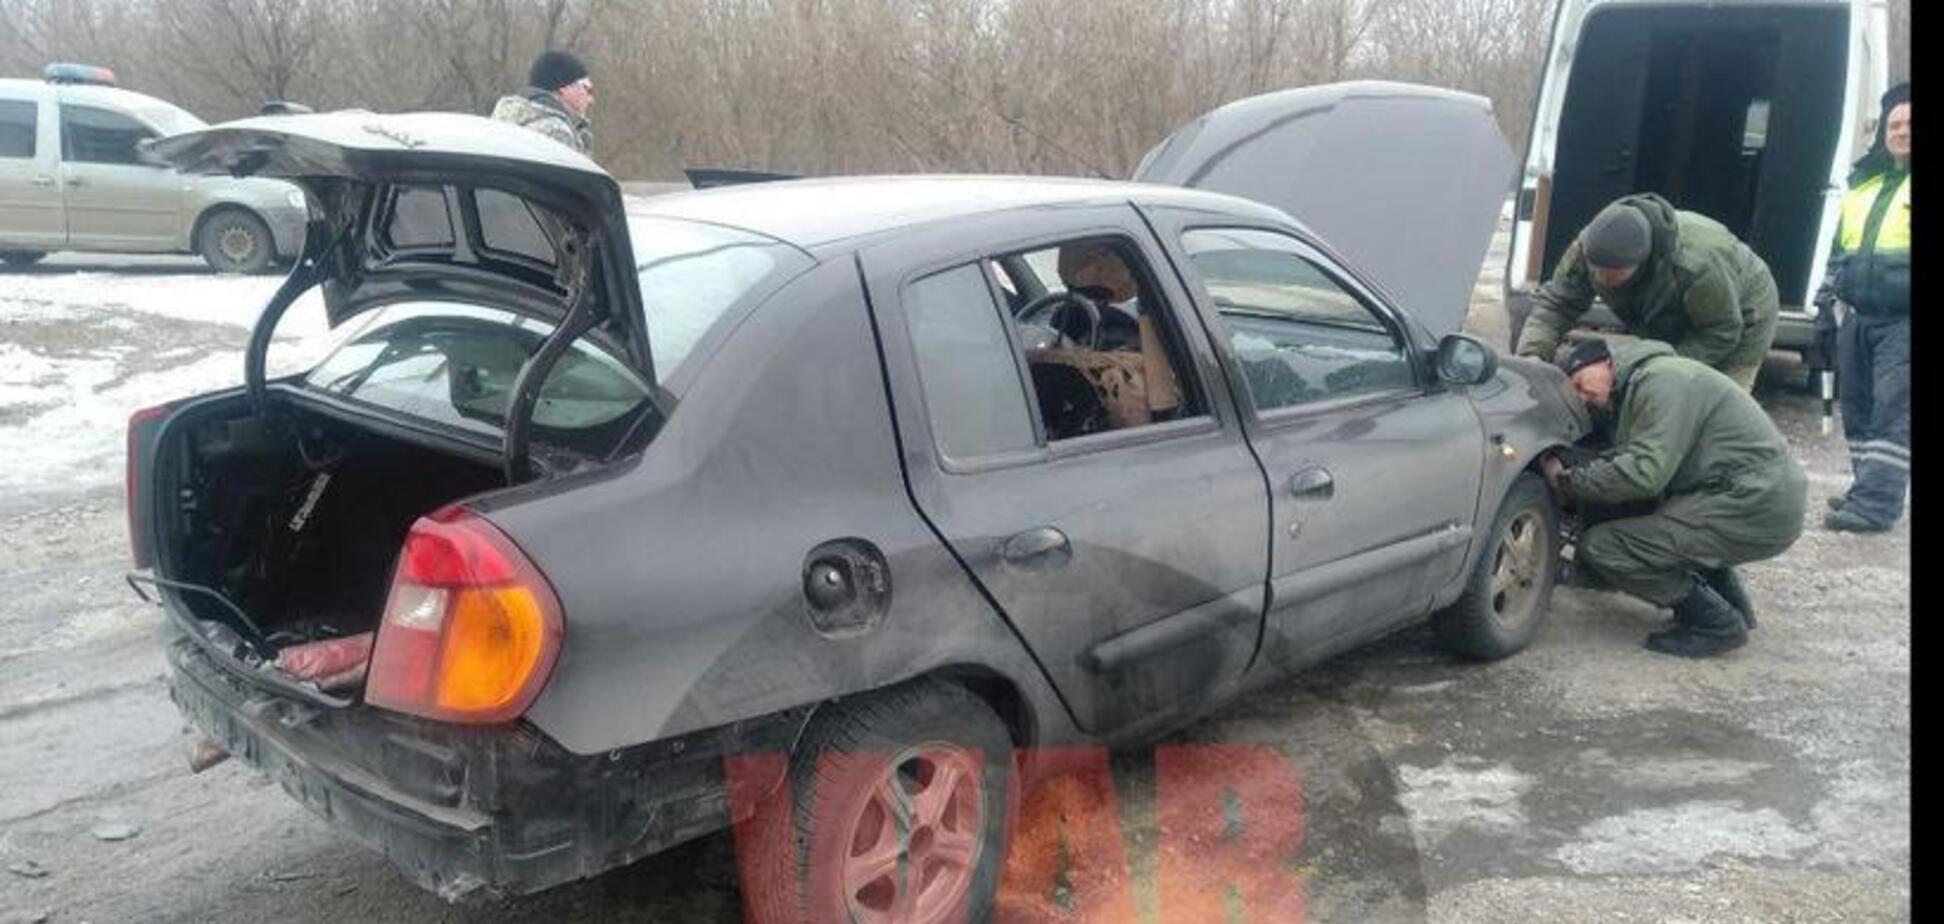 Покушение на террориста 'ДНР': появились первые фото и видео